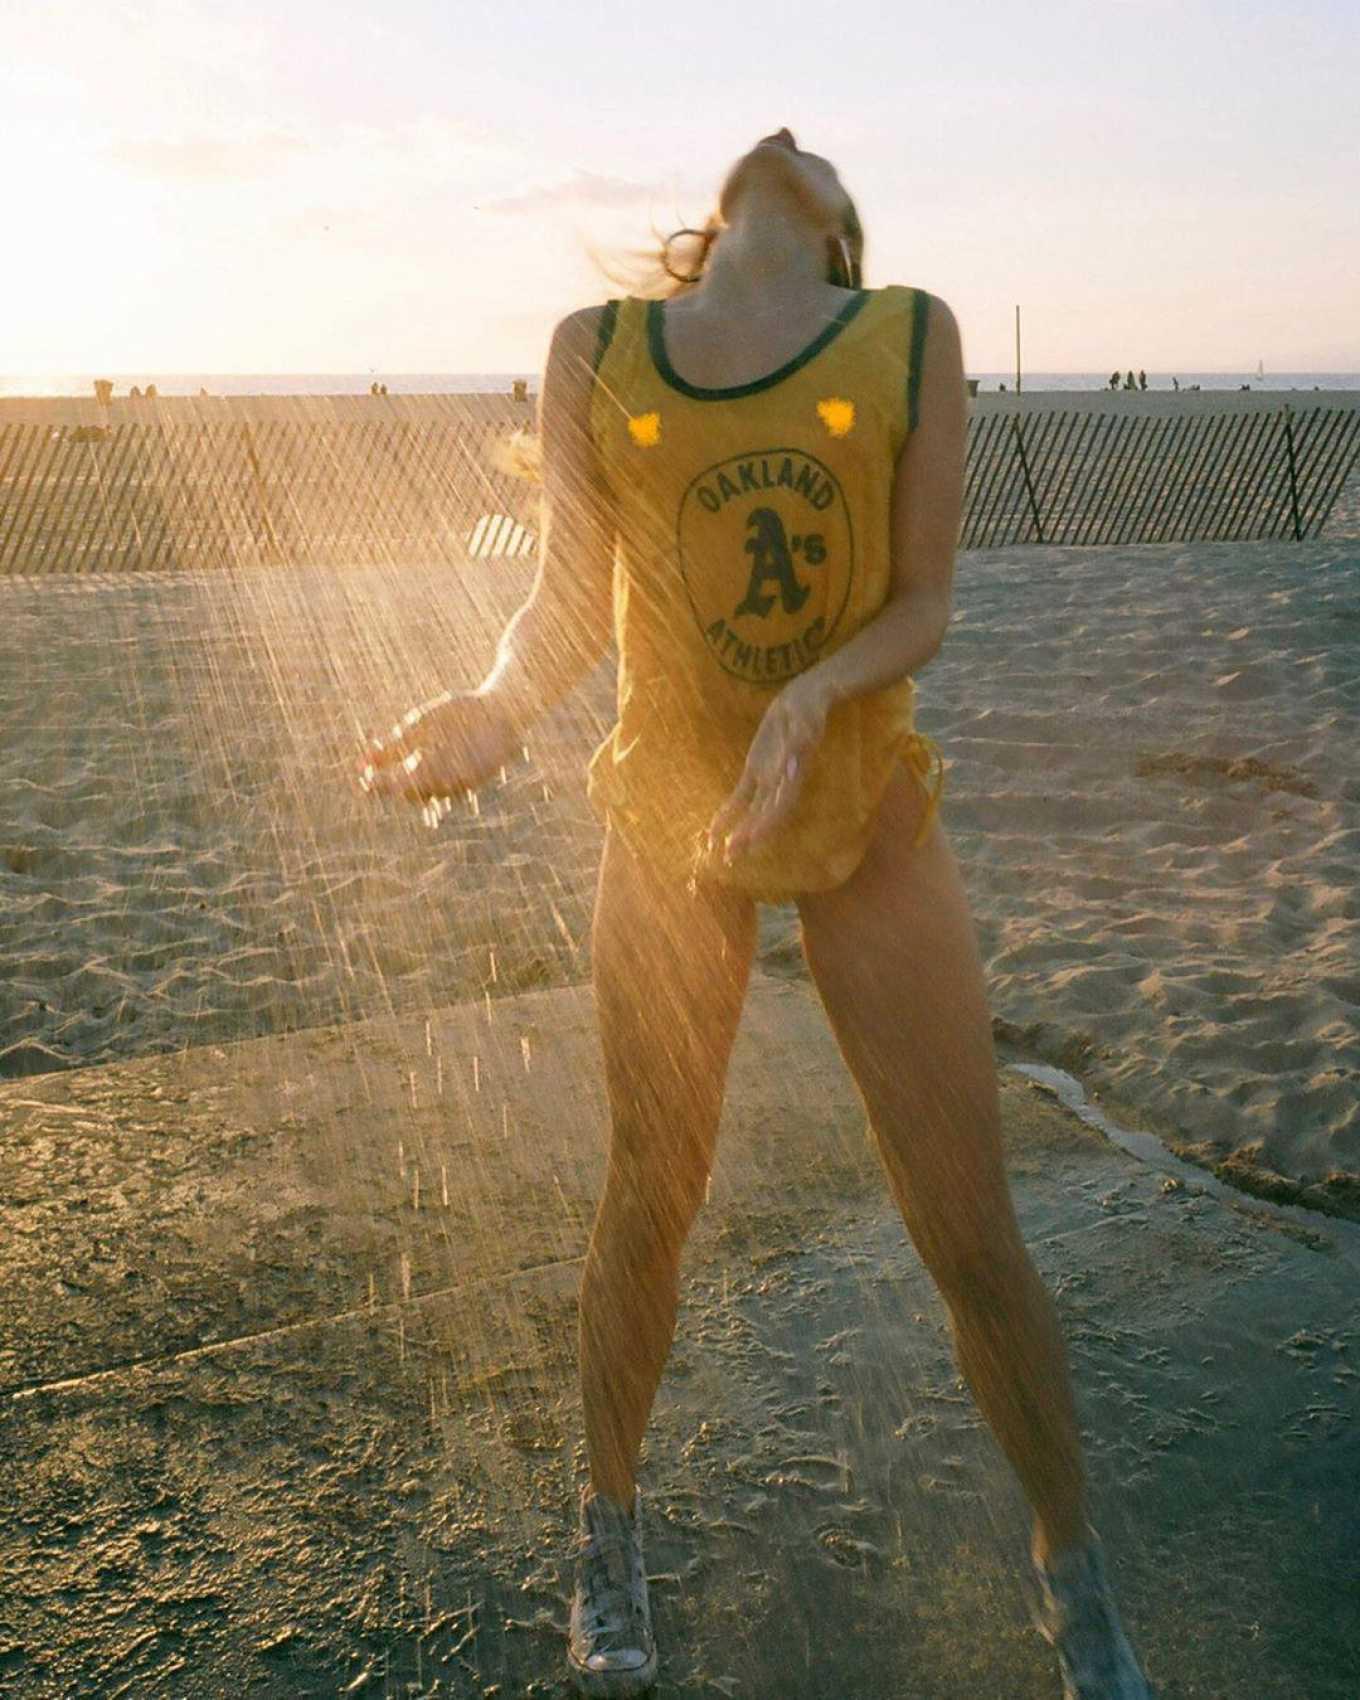 Siêu mẫu Playboy bốc lửa đầy khiêu khích khiến các chàng trai đổ rạp - Hình 5